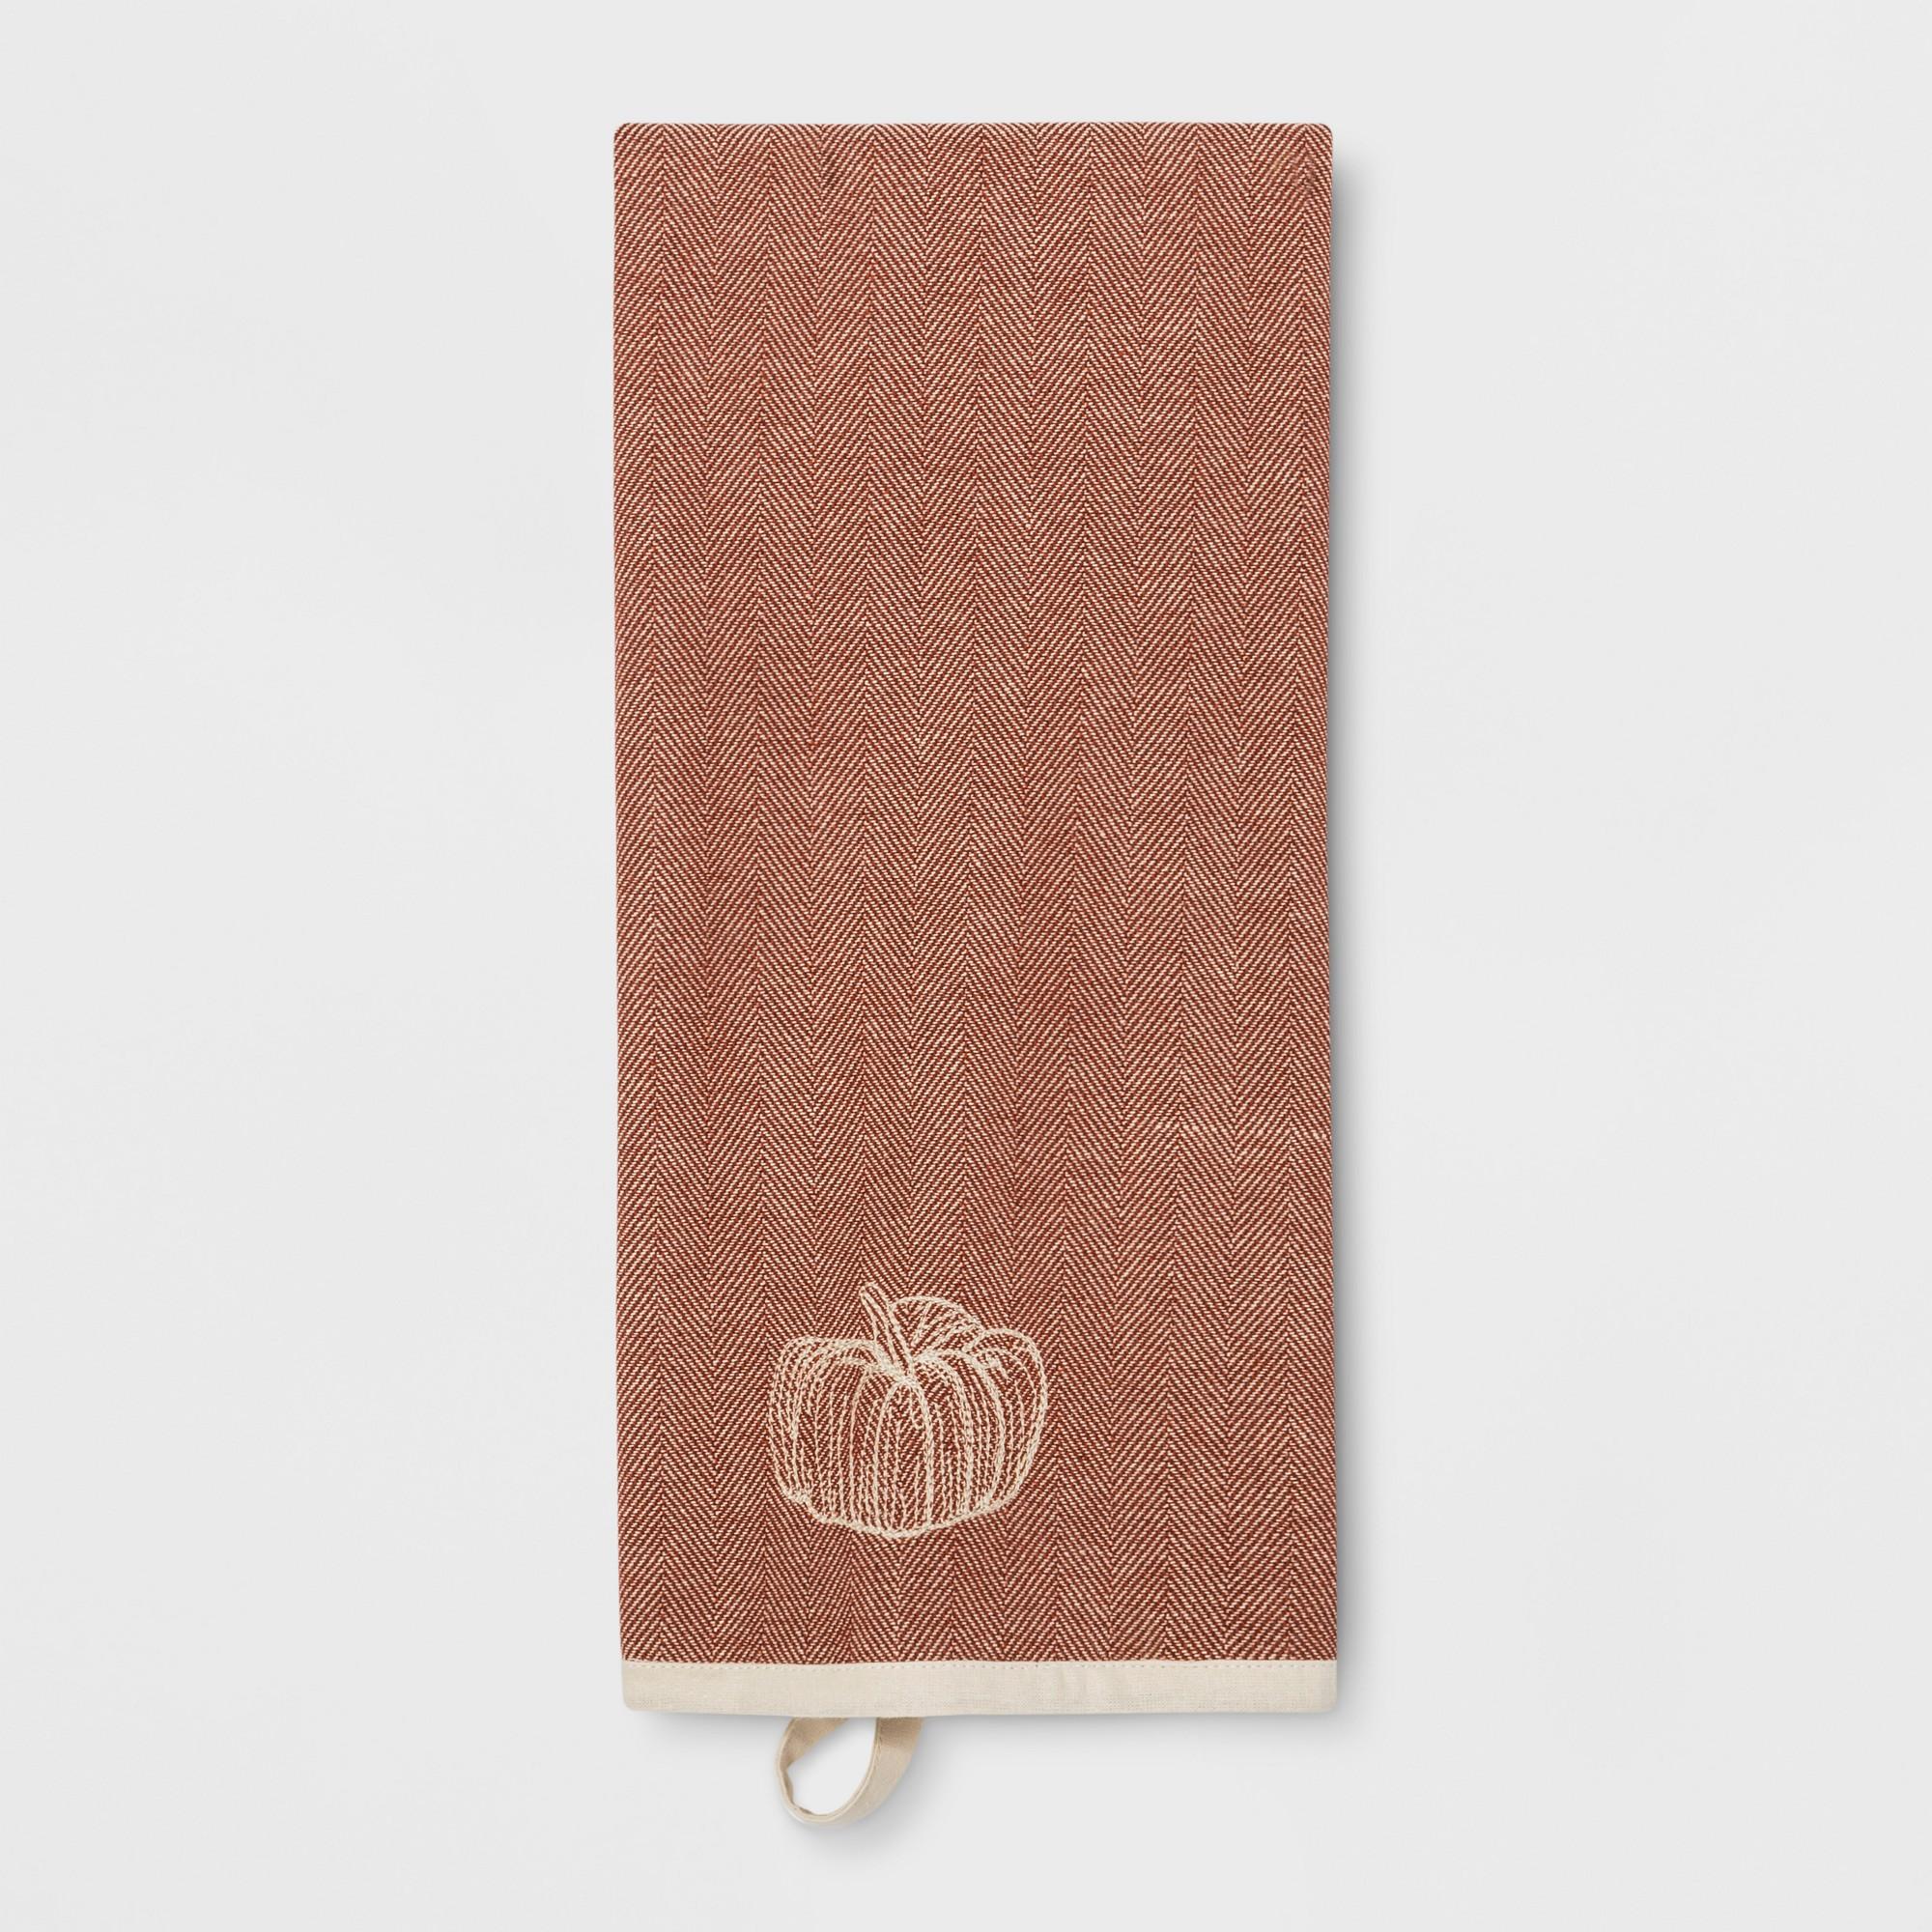 Pumpkin Kitchen Towel Brown - Threshold